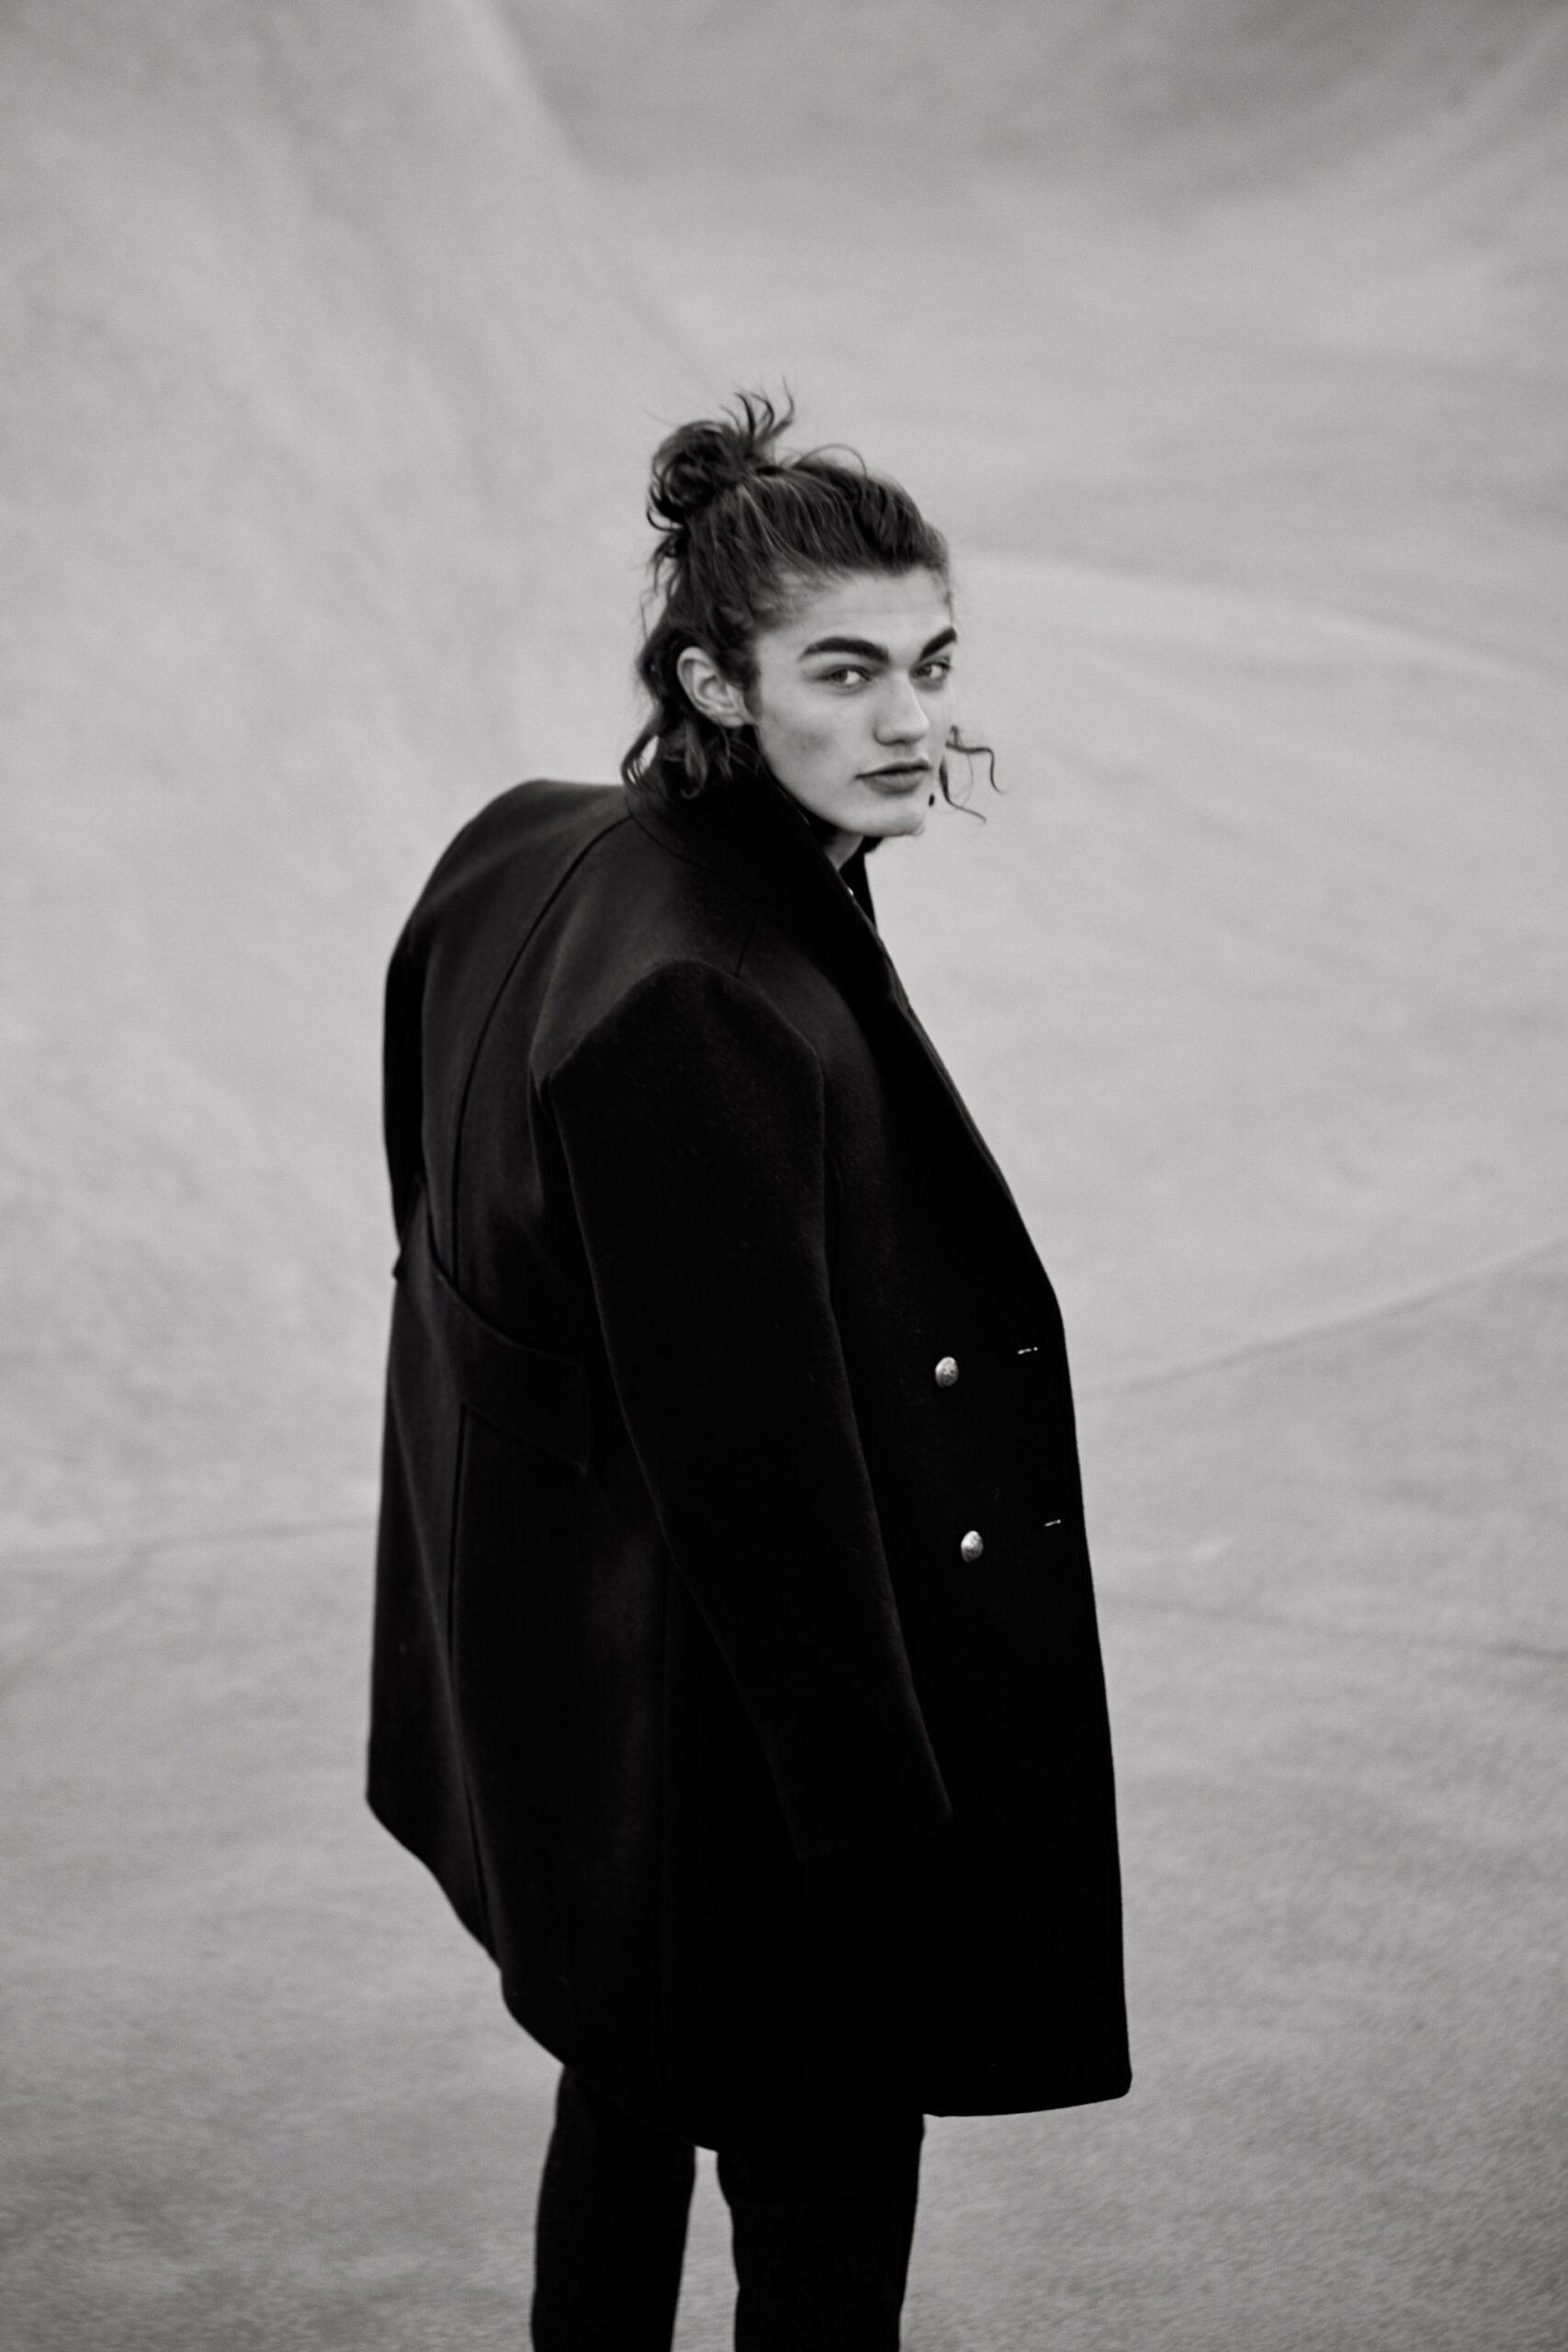 DS Sanchez Photographie style edgy noir et blanc à Montréal